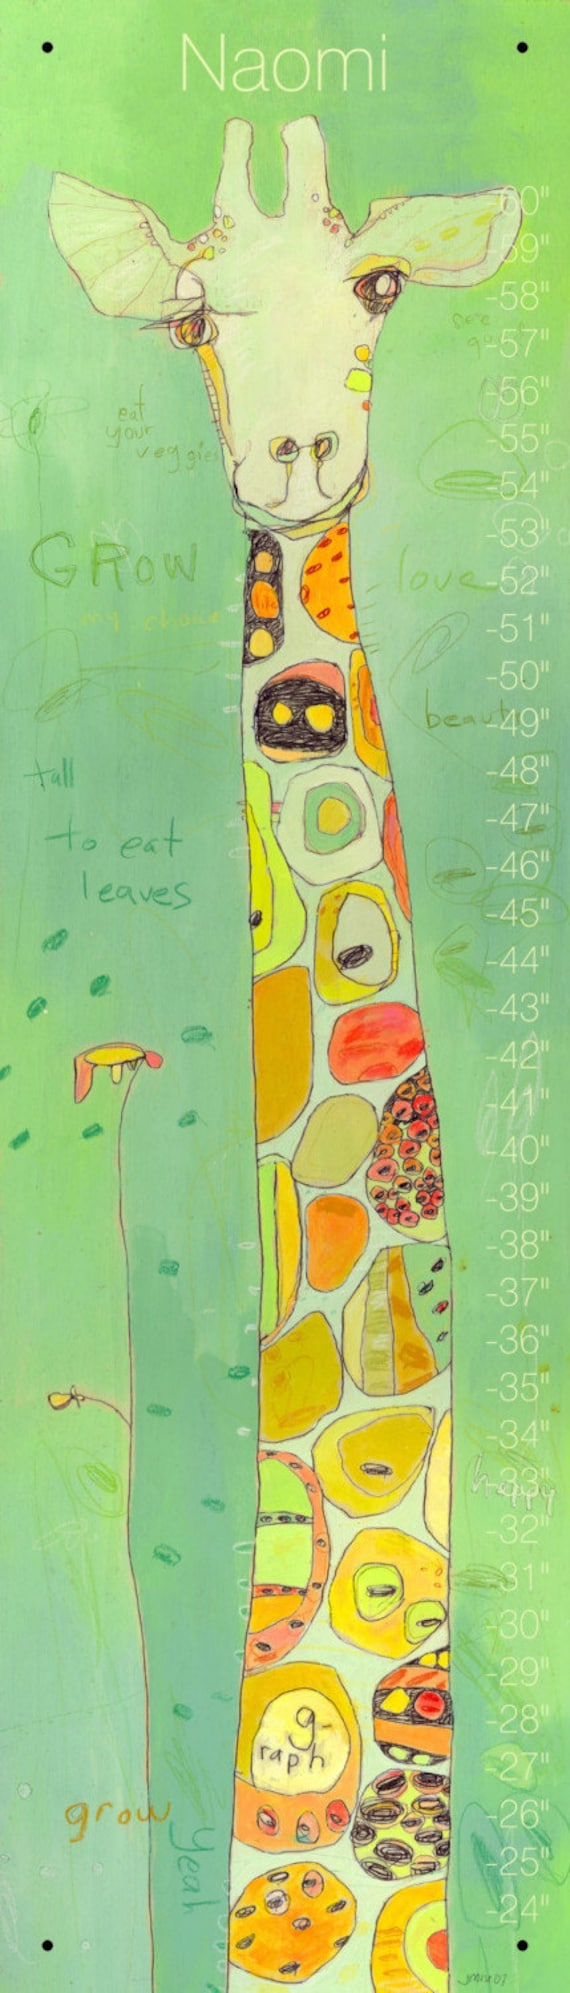 Grow Giraffe Canvas Growth Chart by Jennifer Mercede  42X12